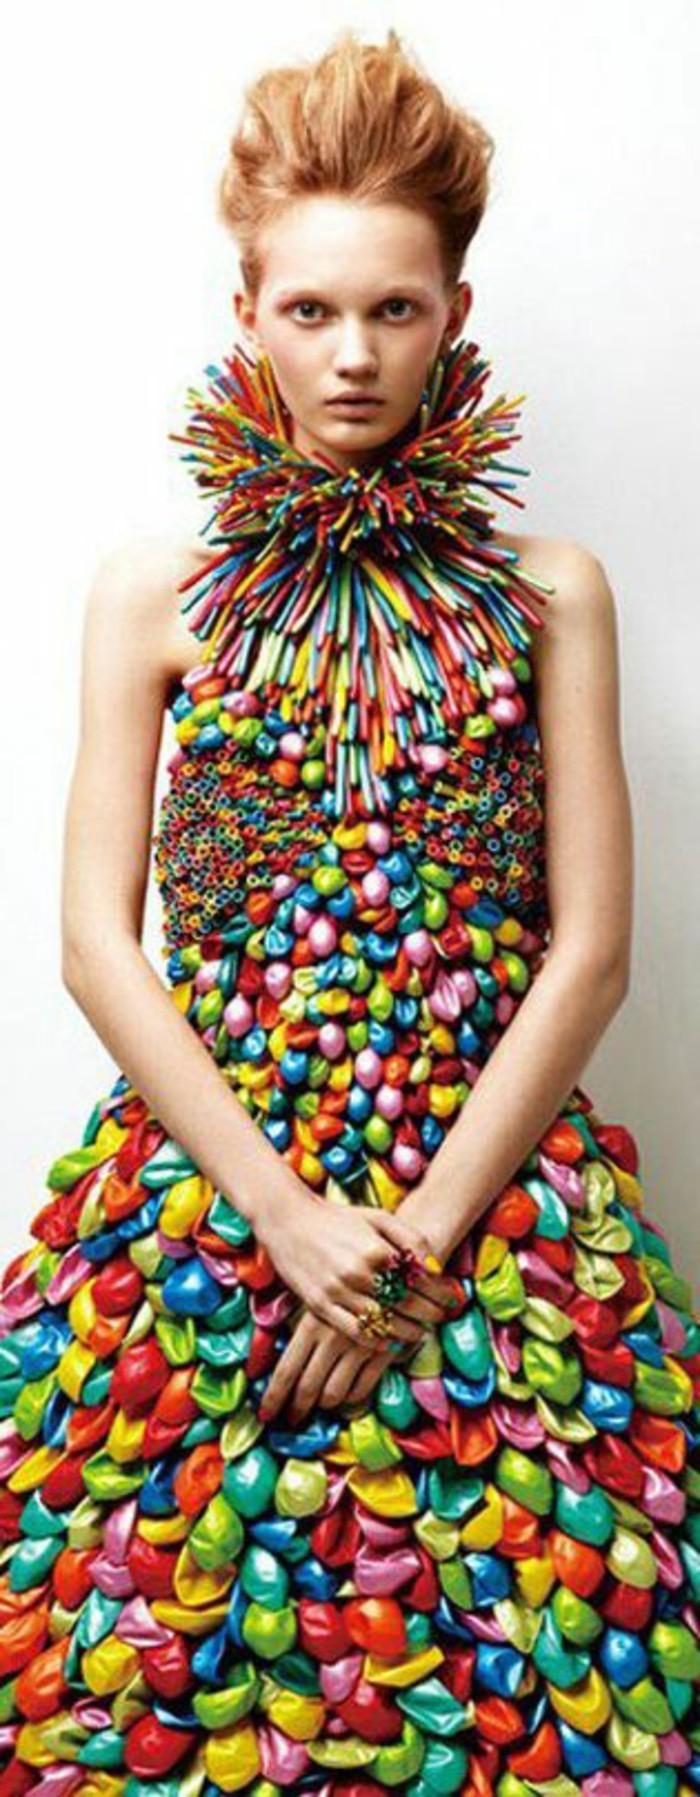 10-decoration avec des ballons en forme de robe